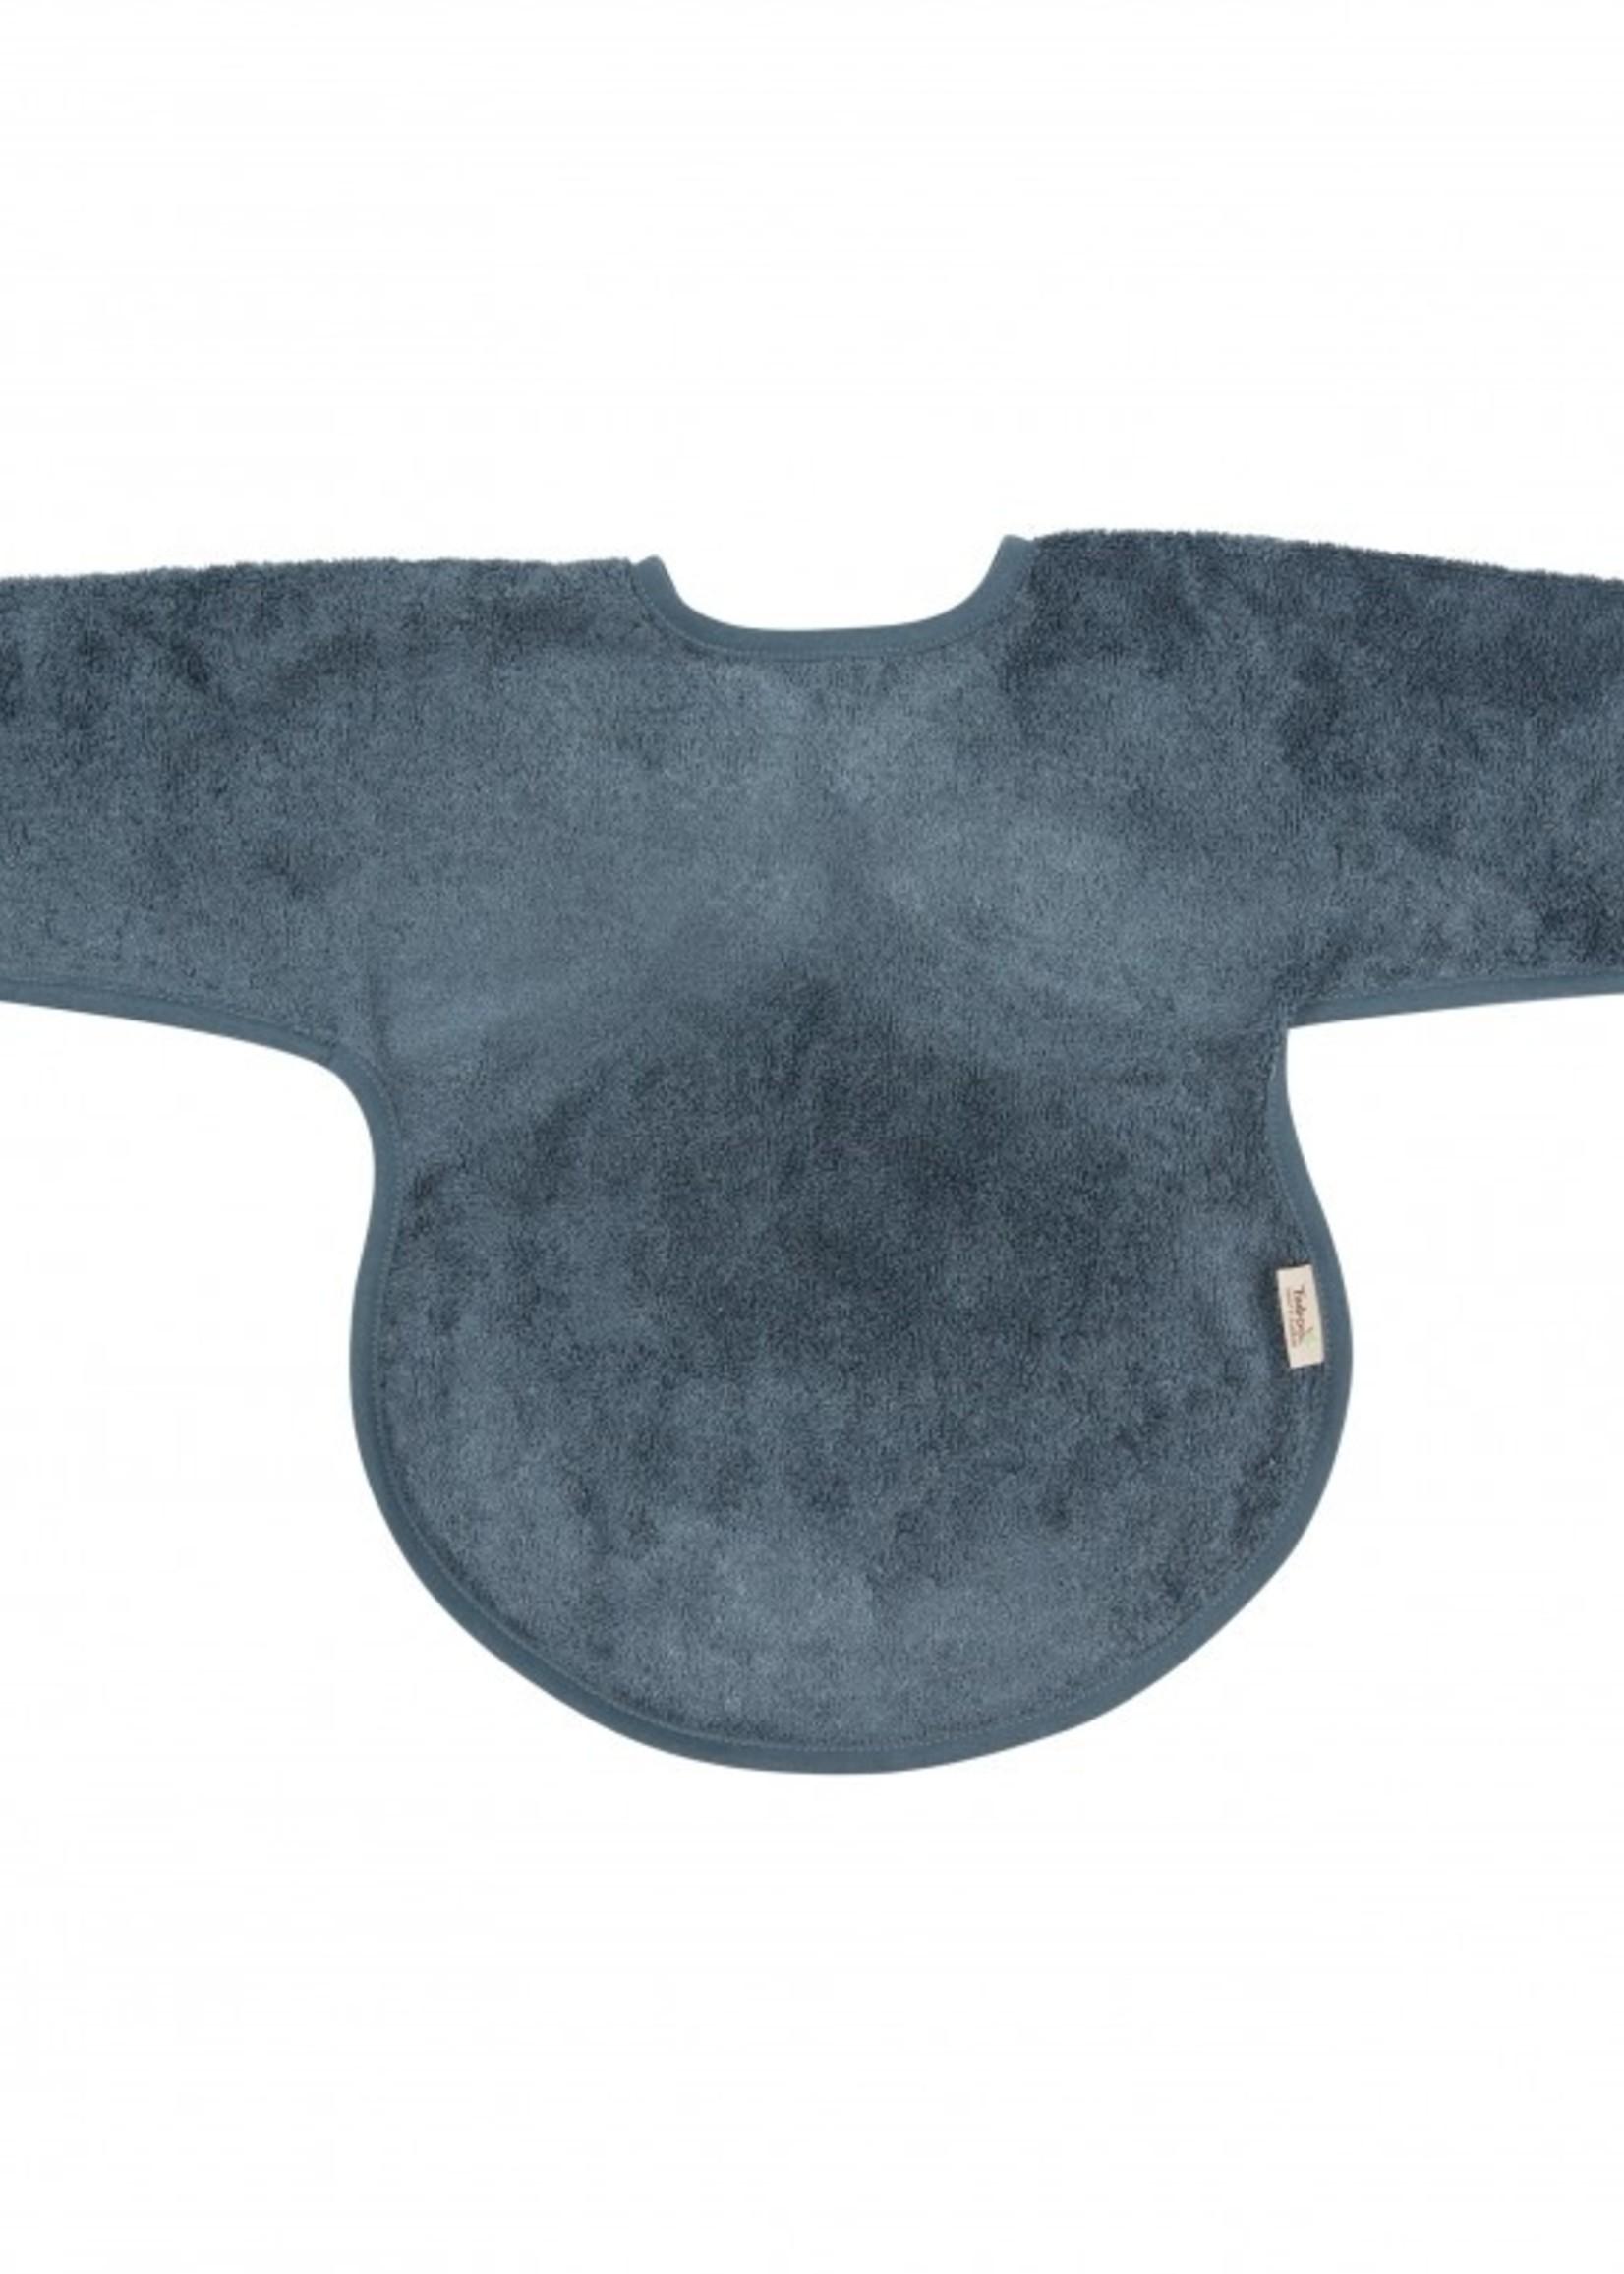 Timboo Bib Long Sleeve - Marin